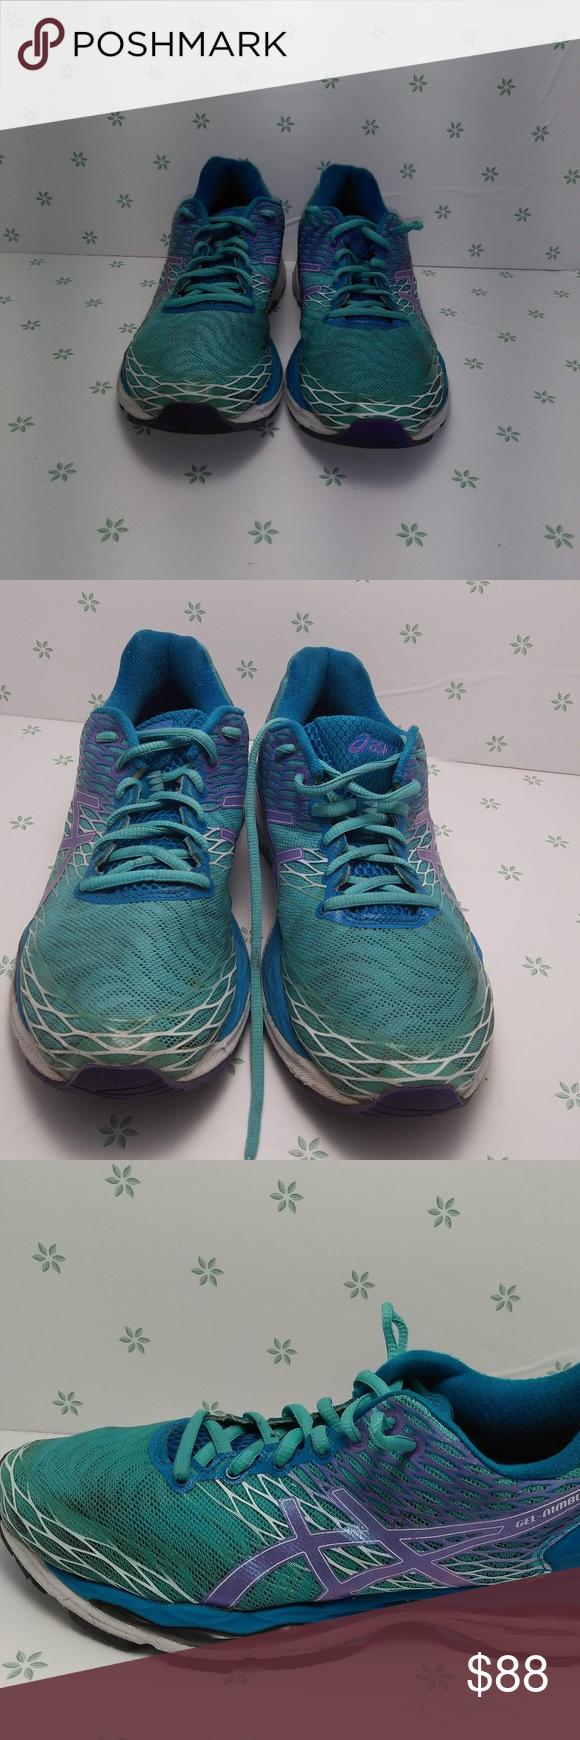 Asics GEL Nimbus 18 Mesh Running Shoes